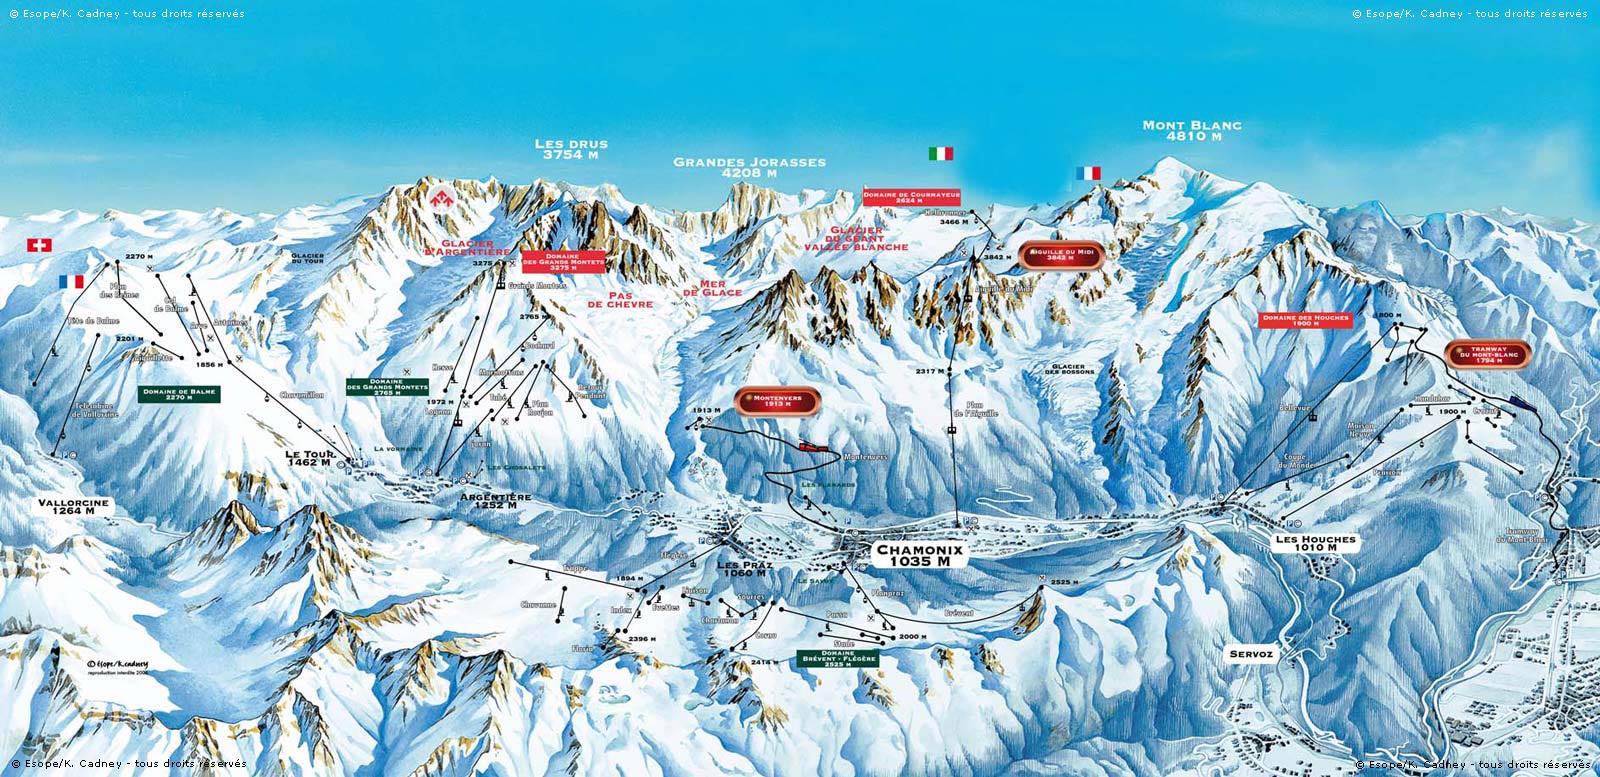 Station de ski chamonix alpes du nord haute savoie for Piste de ski interieur